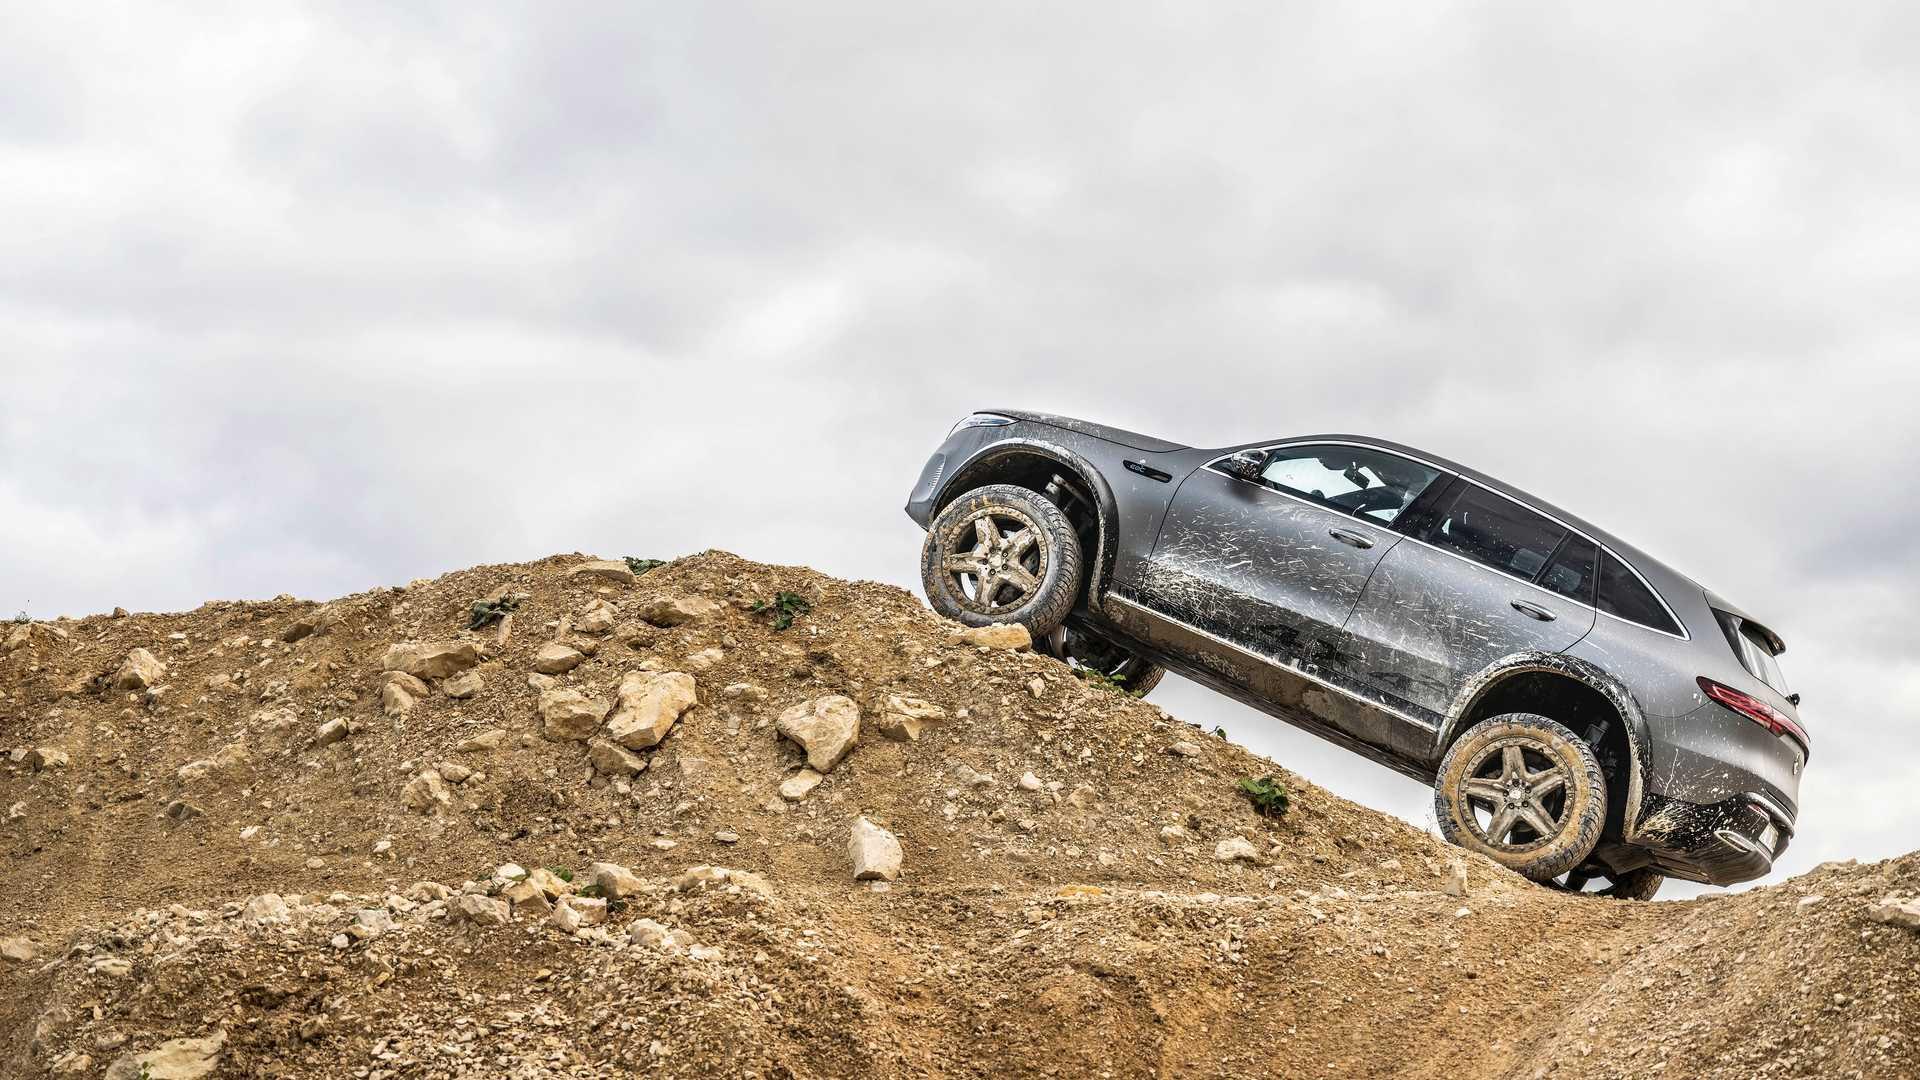 Mercedes-Benz EQC 400 4x4 Squared